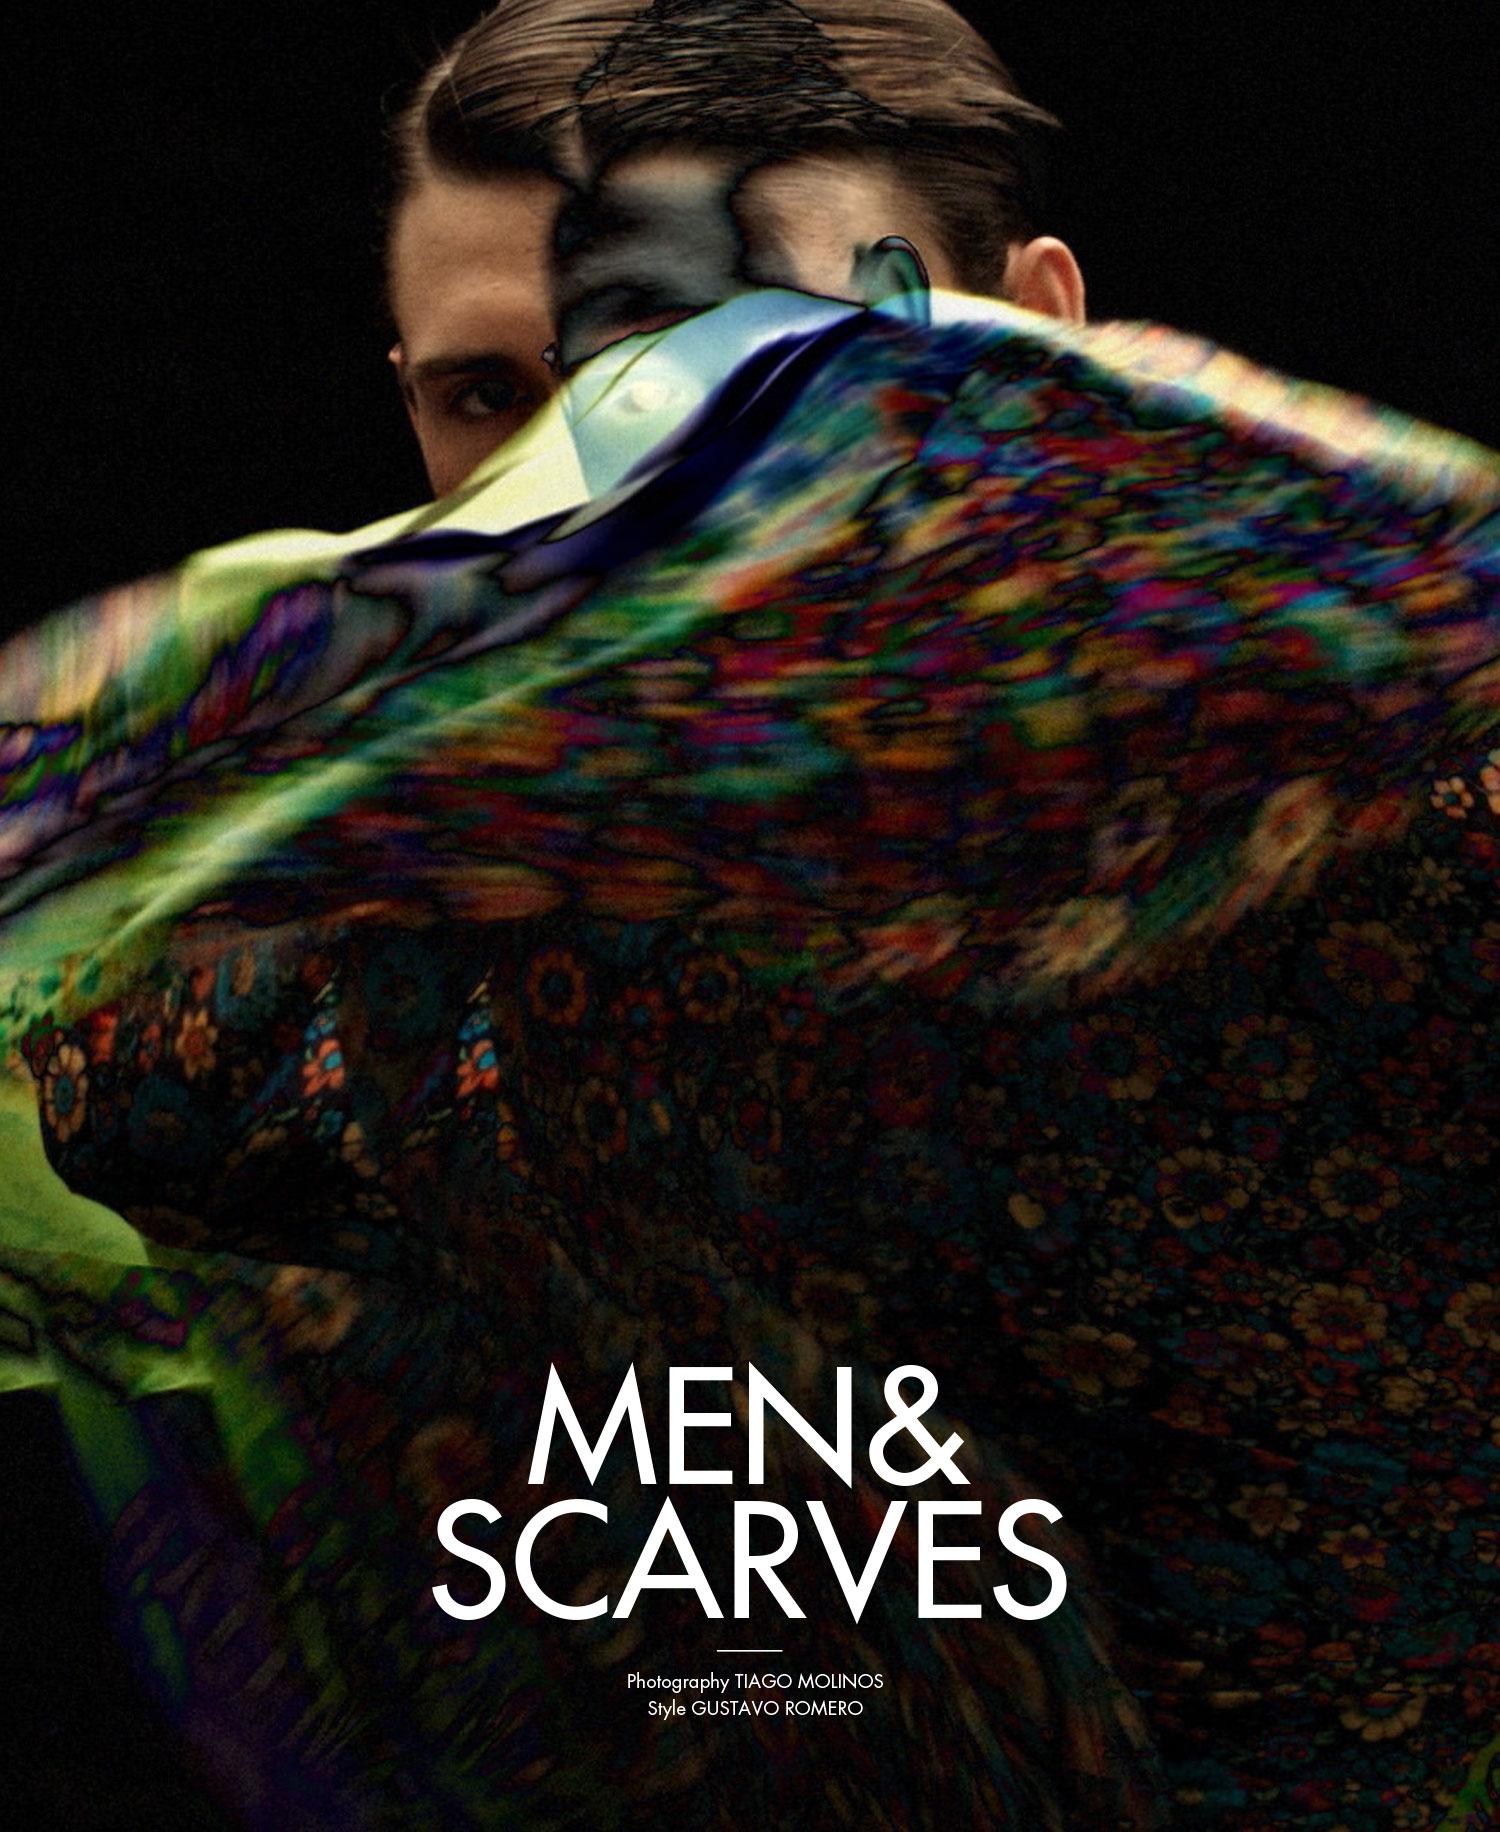 men&scarves-clip1promo.jpg